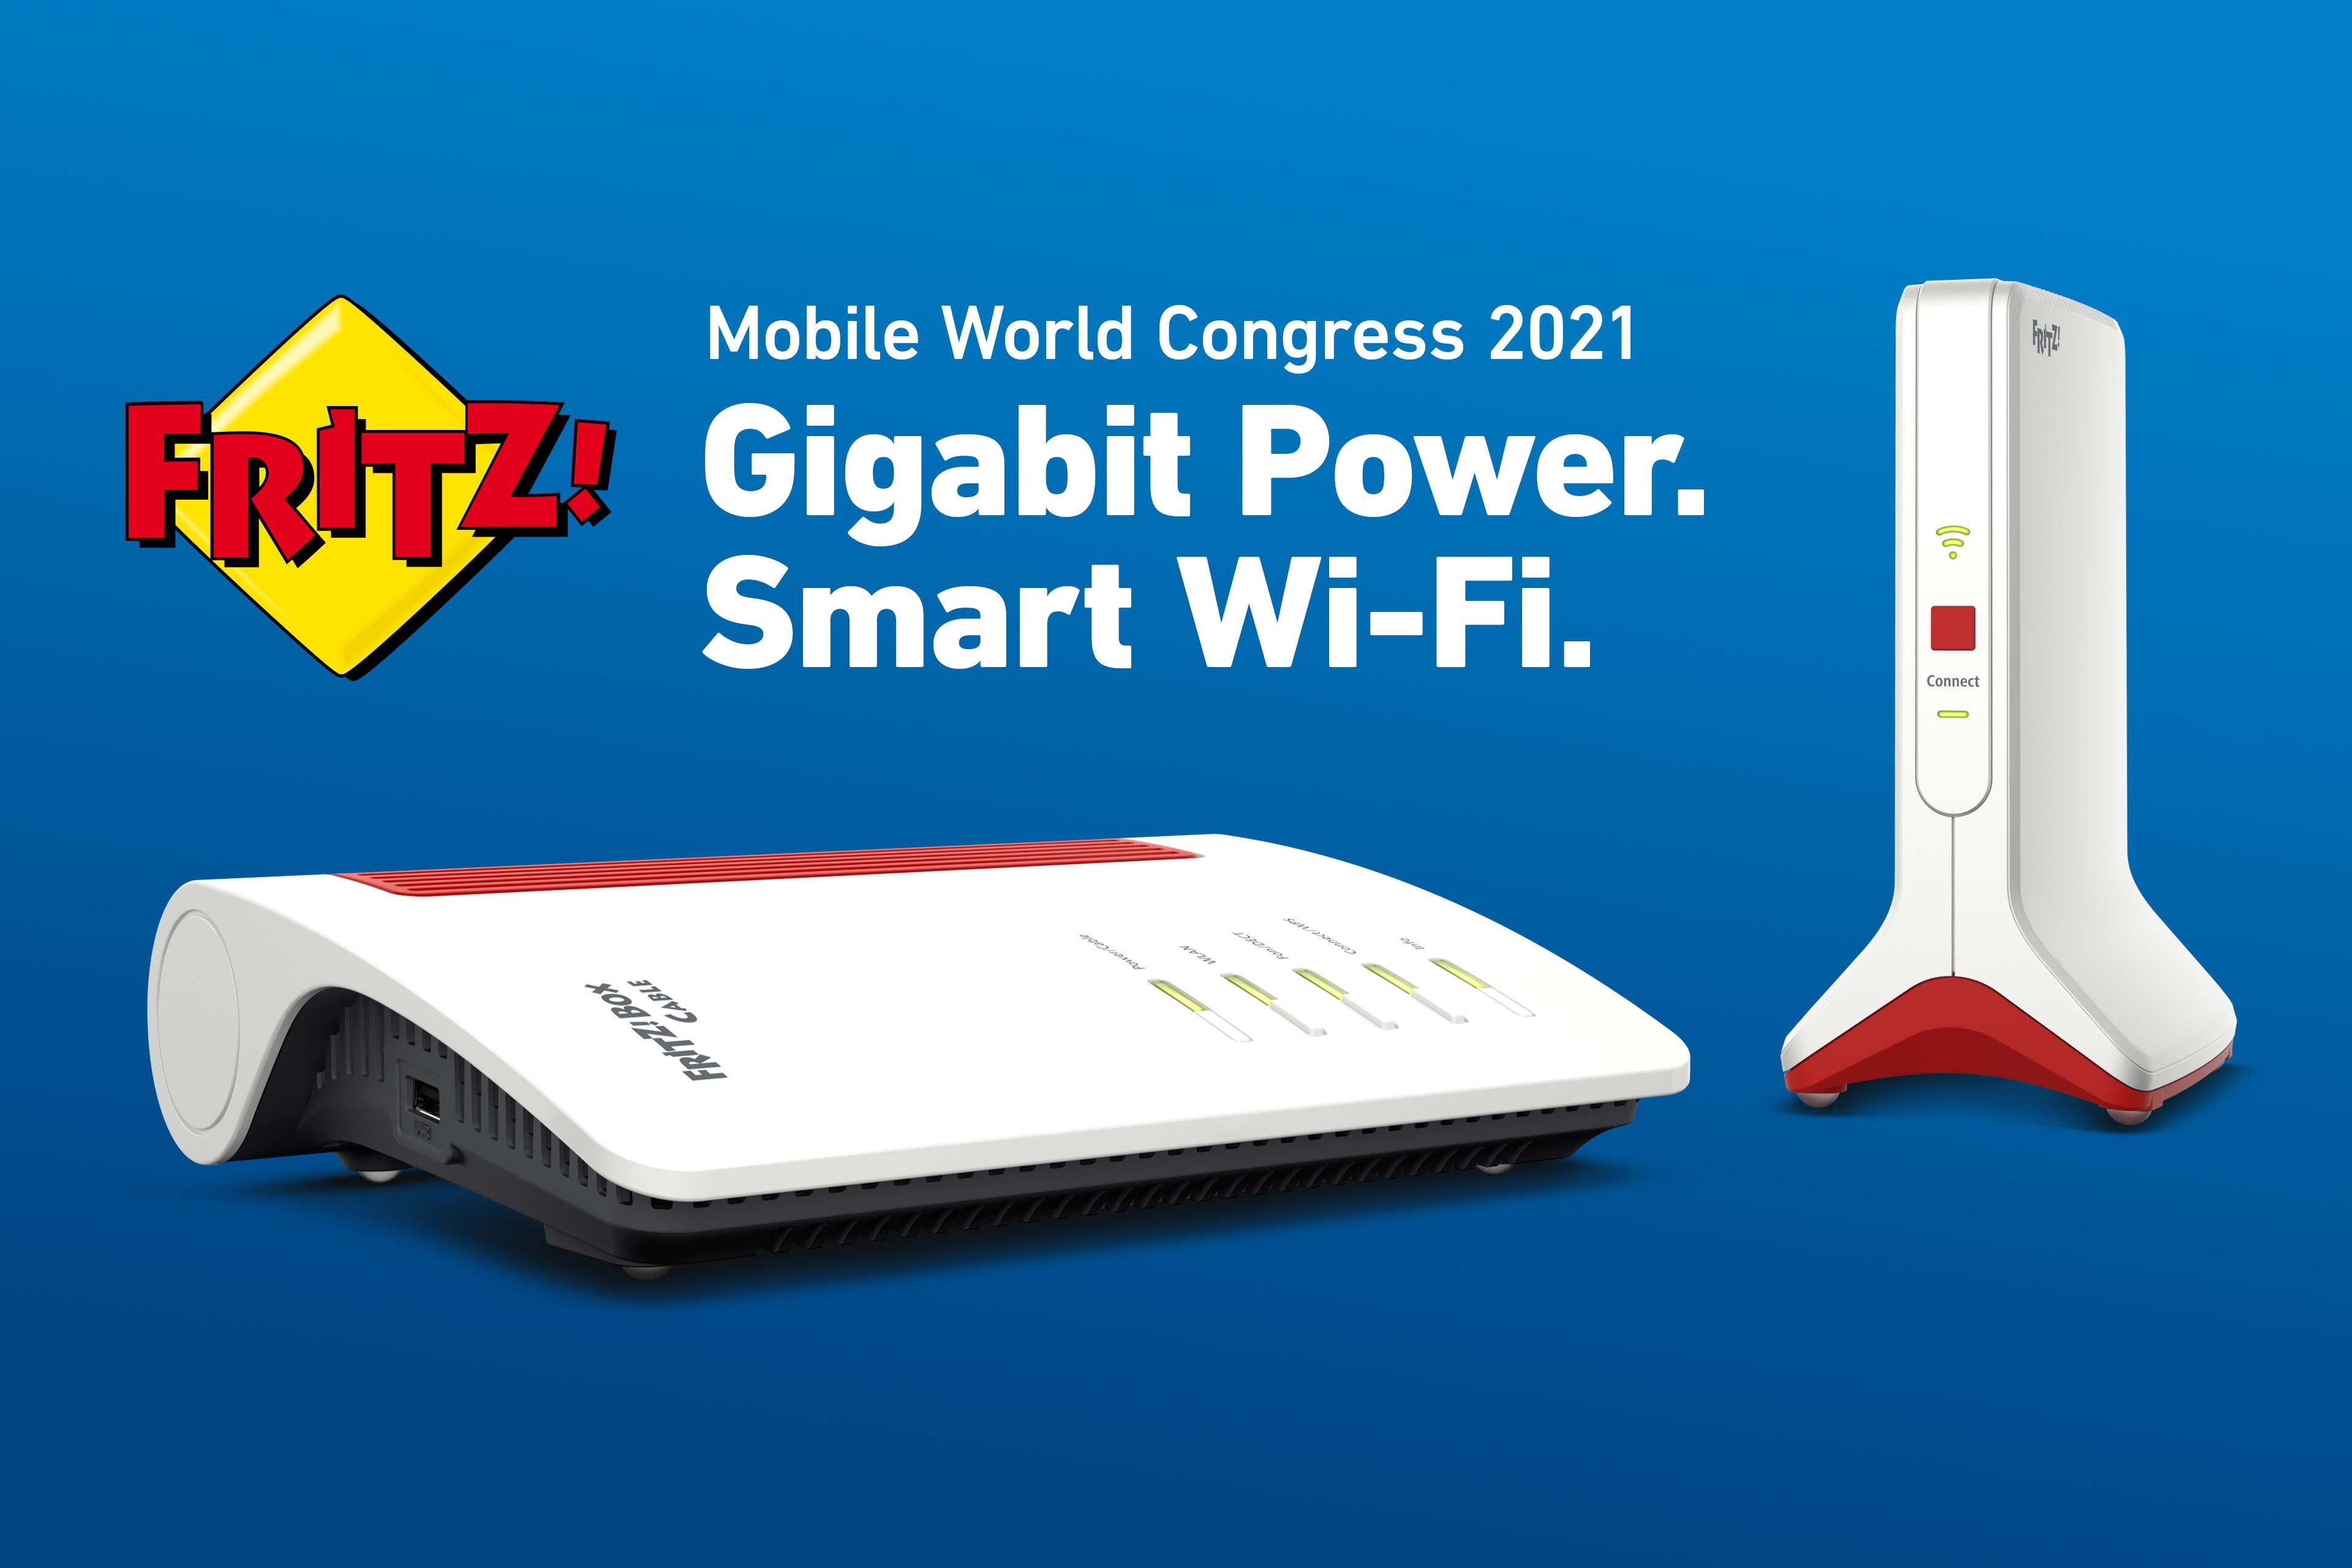 Moc gigabitów – inteligentne Wi-Fi: Marka FRITZ! zdradza plany na wirtualną edycję MWC 2021